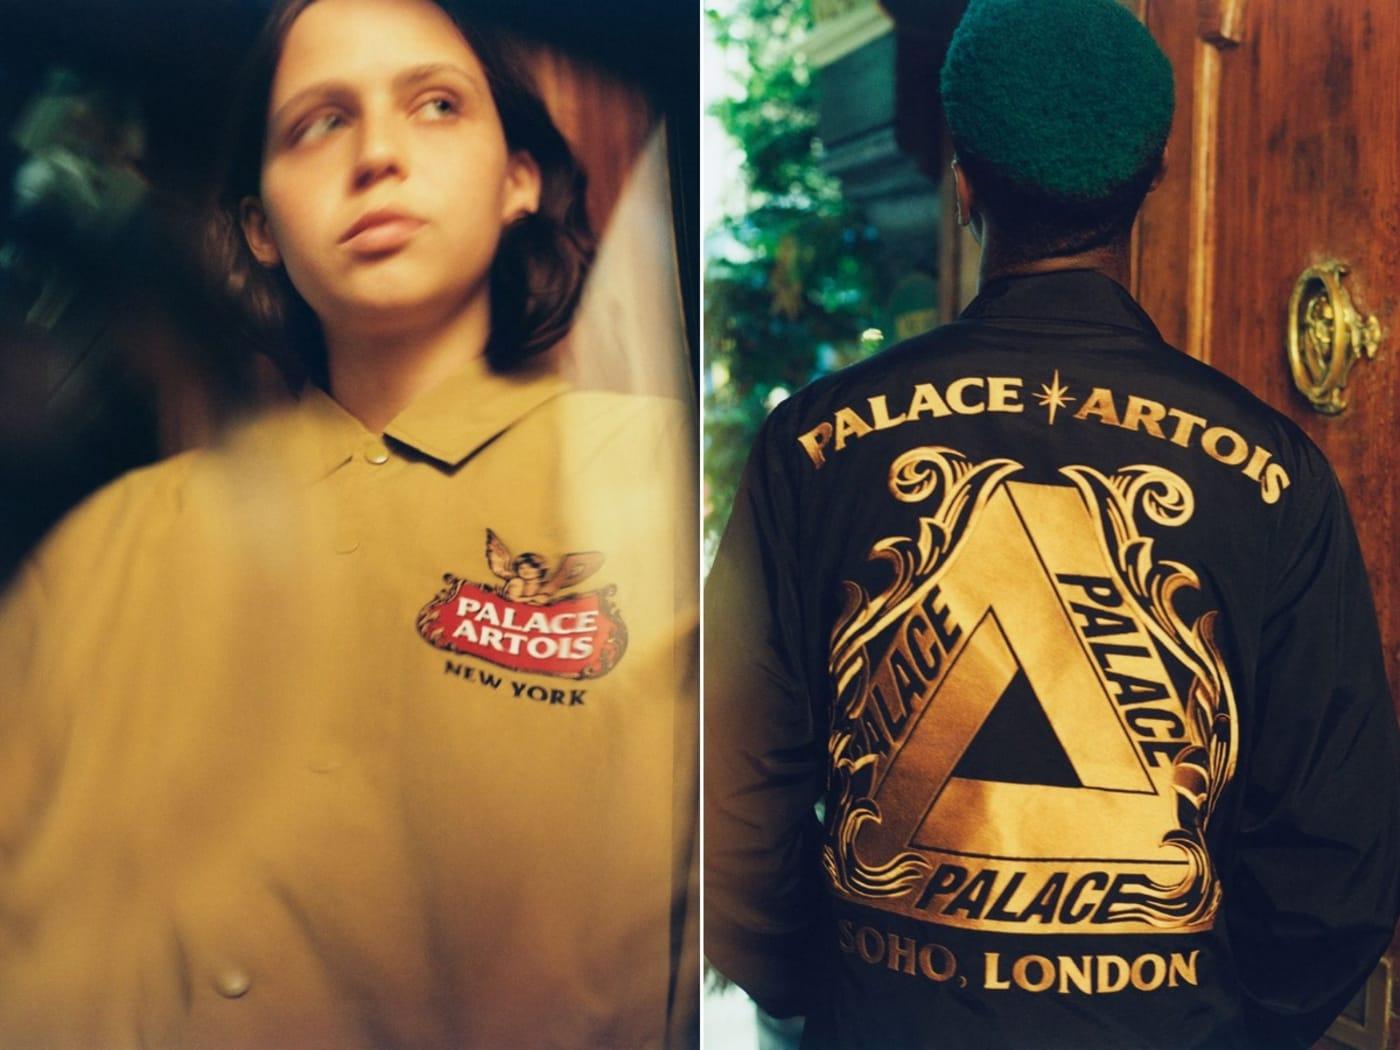 palace-stella-artois-lead